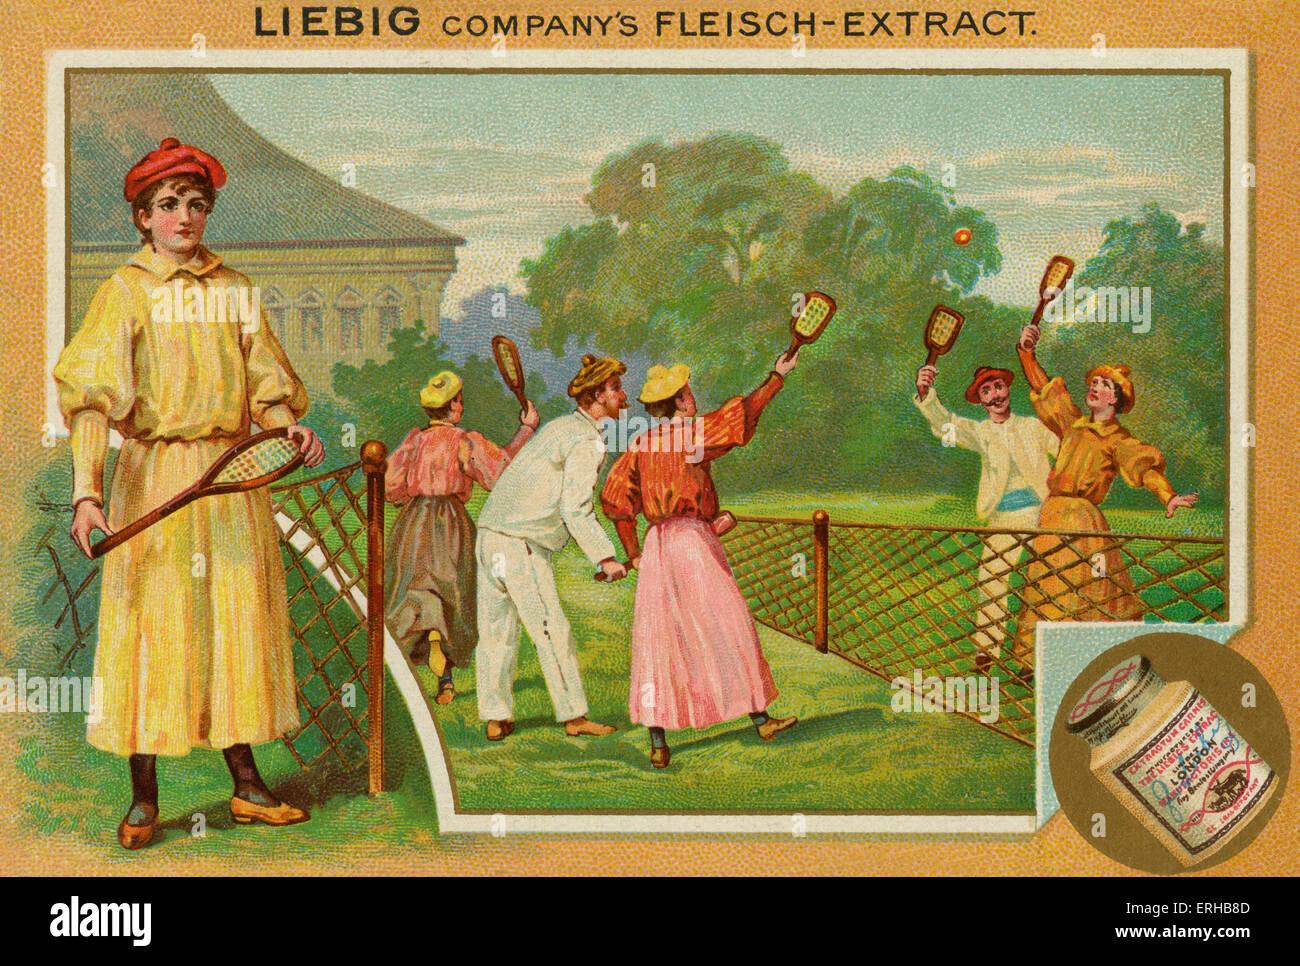 Una partita di tennis su prato. Scheda di Liebig, Sport, 1896. Immagini Stock